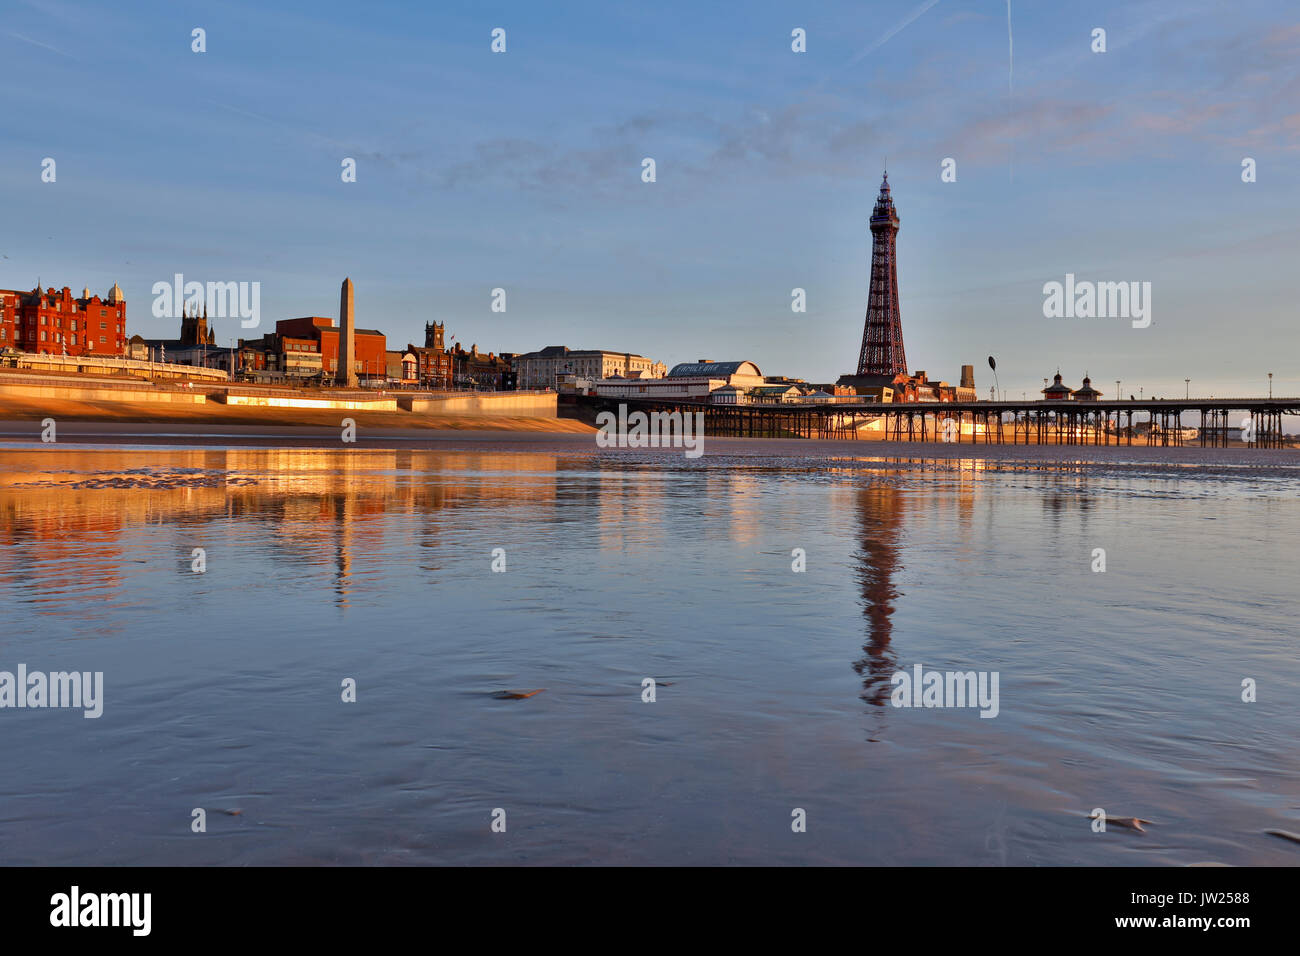 Blackpool; Tower; Shore; Lancashire; UK - Stock Image